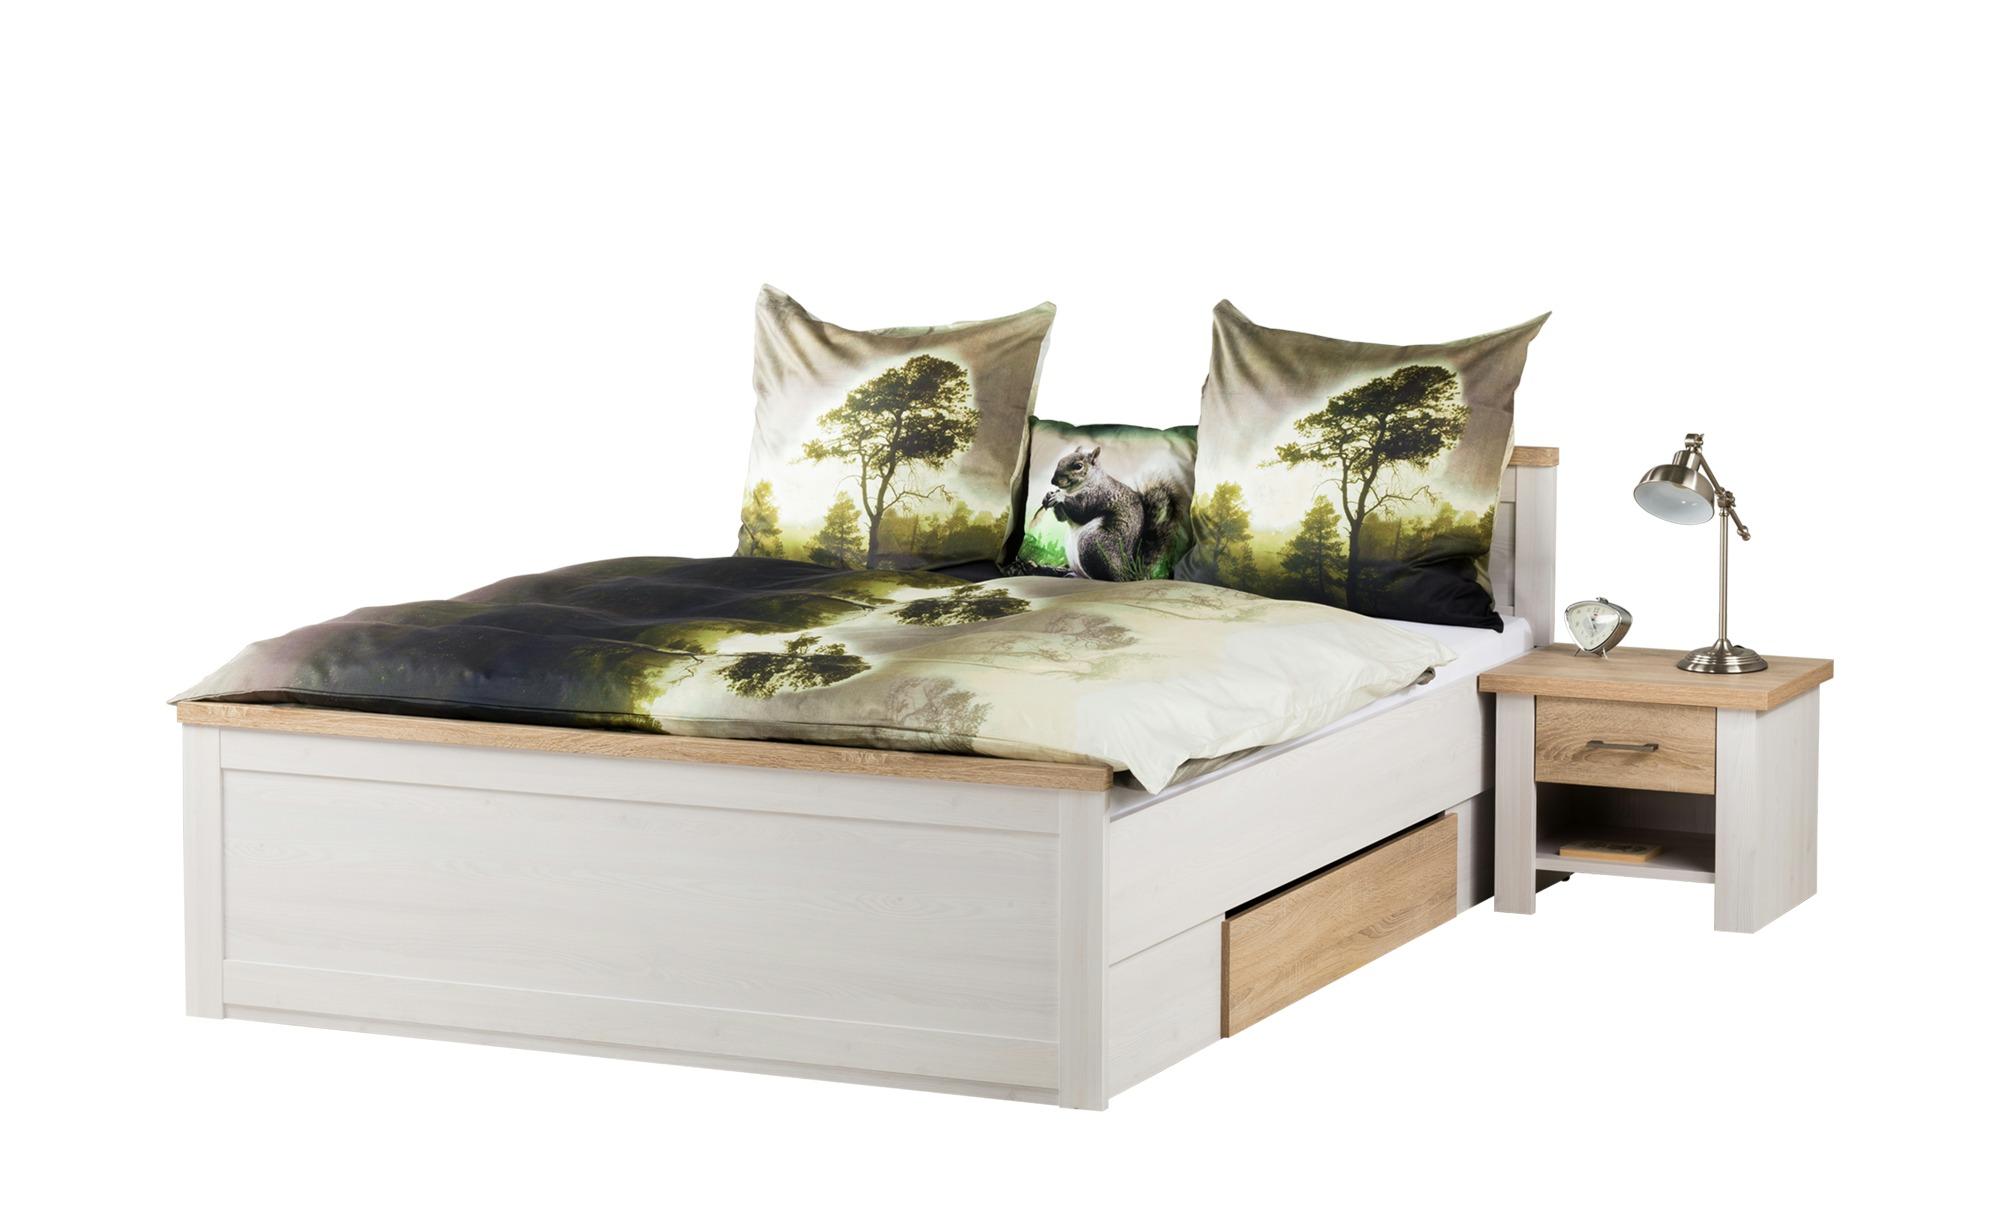 Bett mit 2 Nachtkommoden 180x200 - weiß - Eiche (Optik) - Landhaus-Stil Lancaster ¦ weiß ¦ Maße (cm): B: 306 H: 91 T: 205 Betten > Futonbetten - Höffner